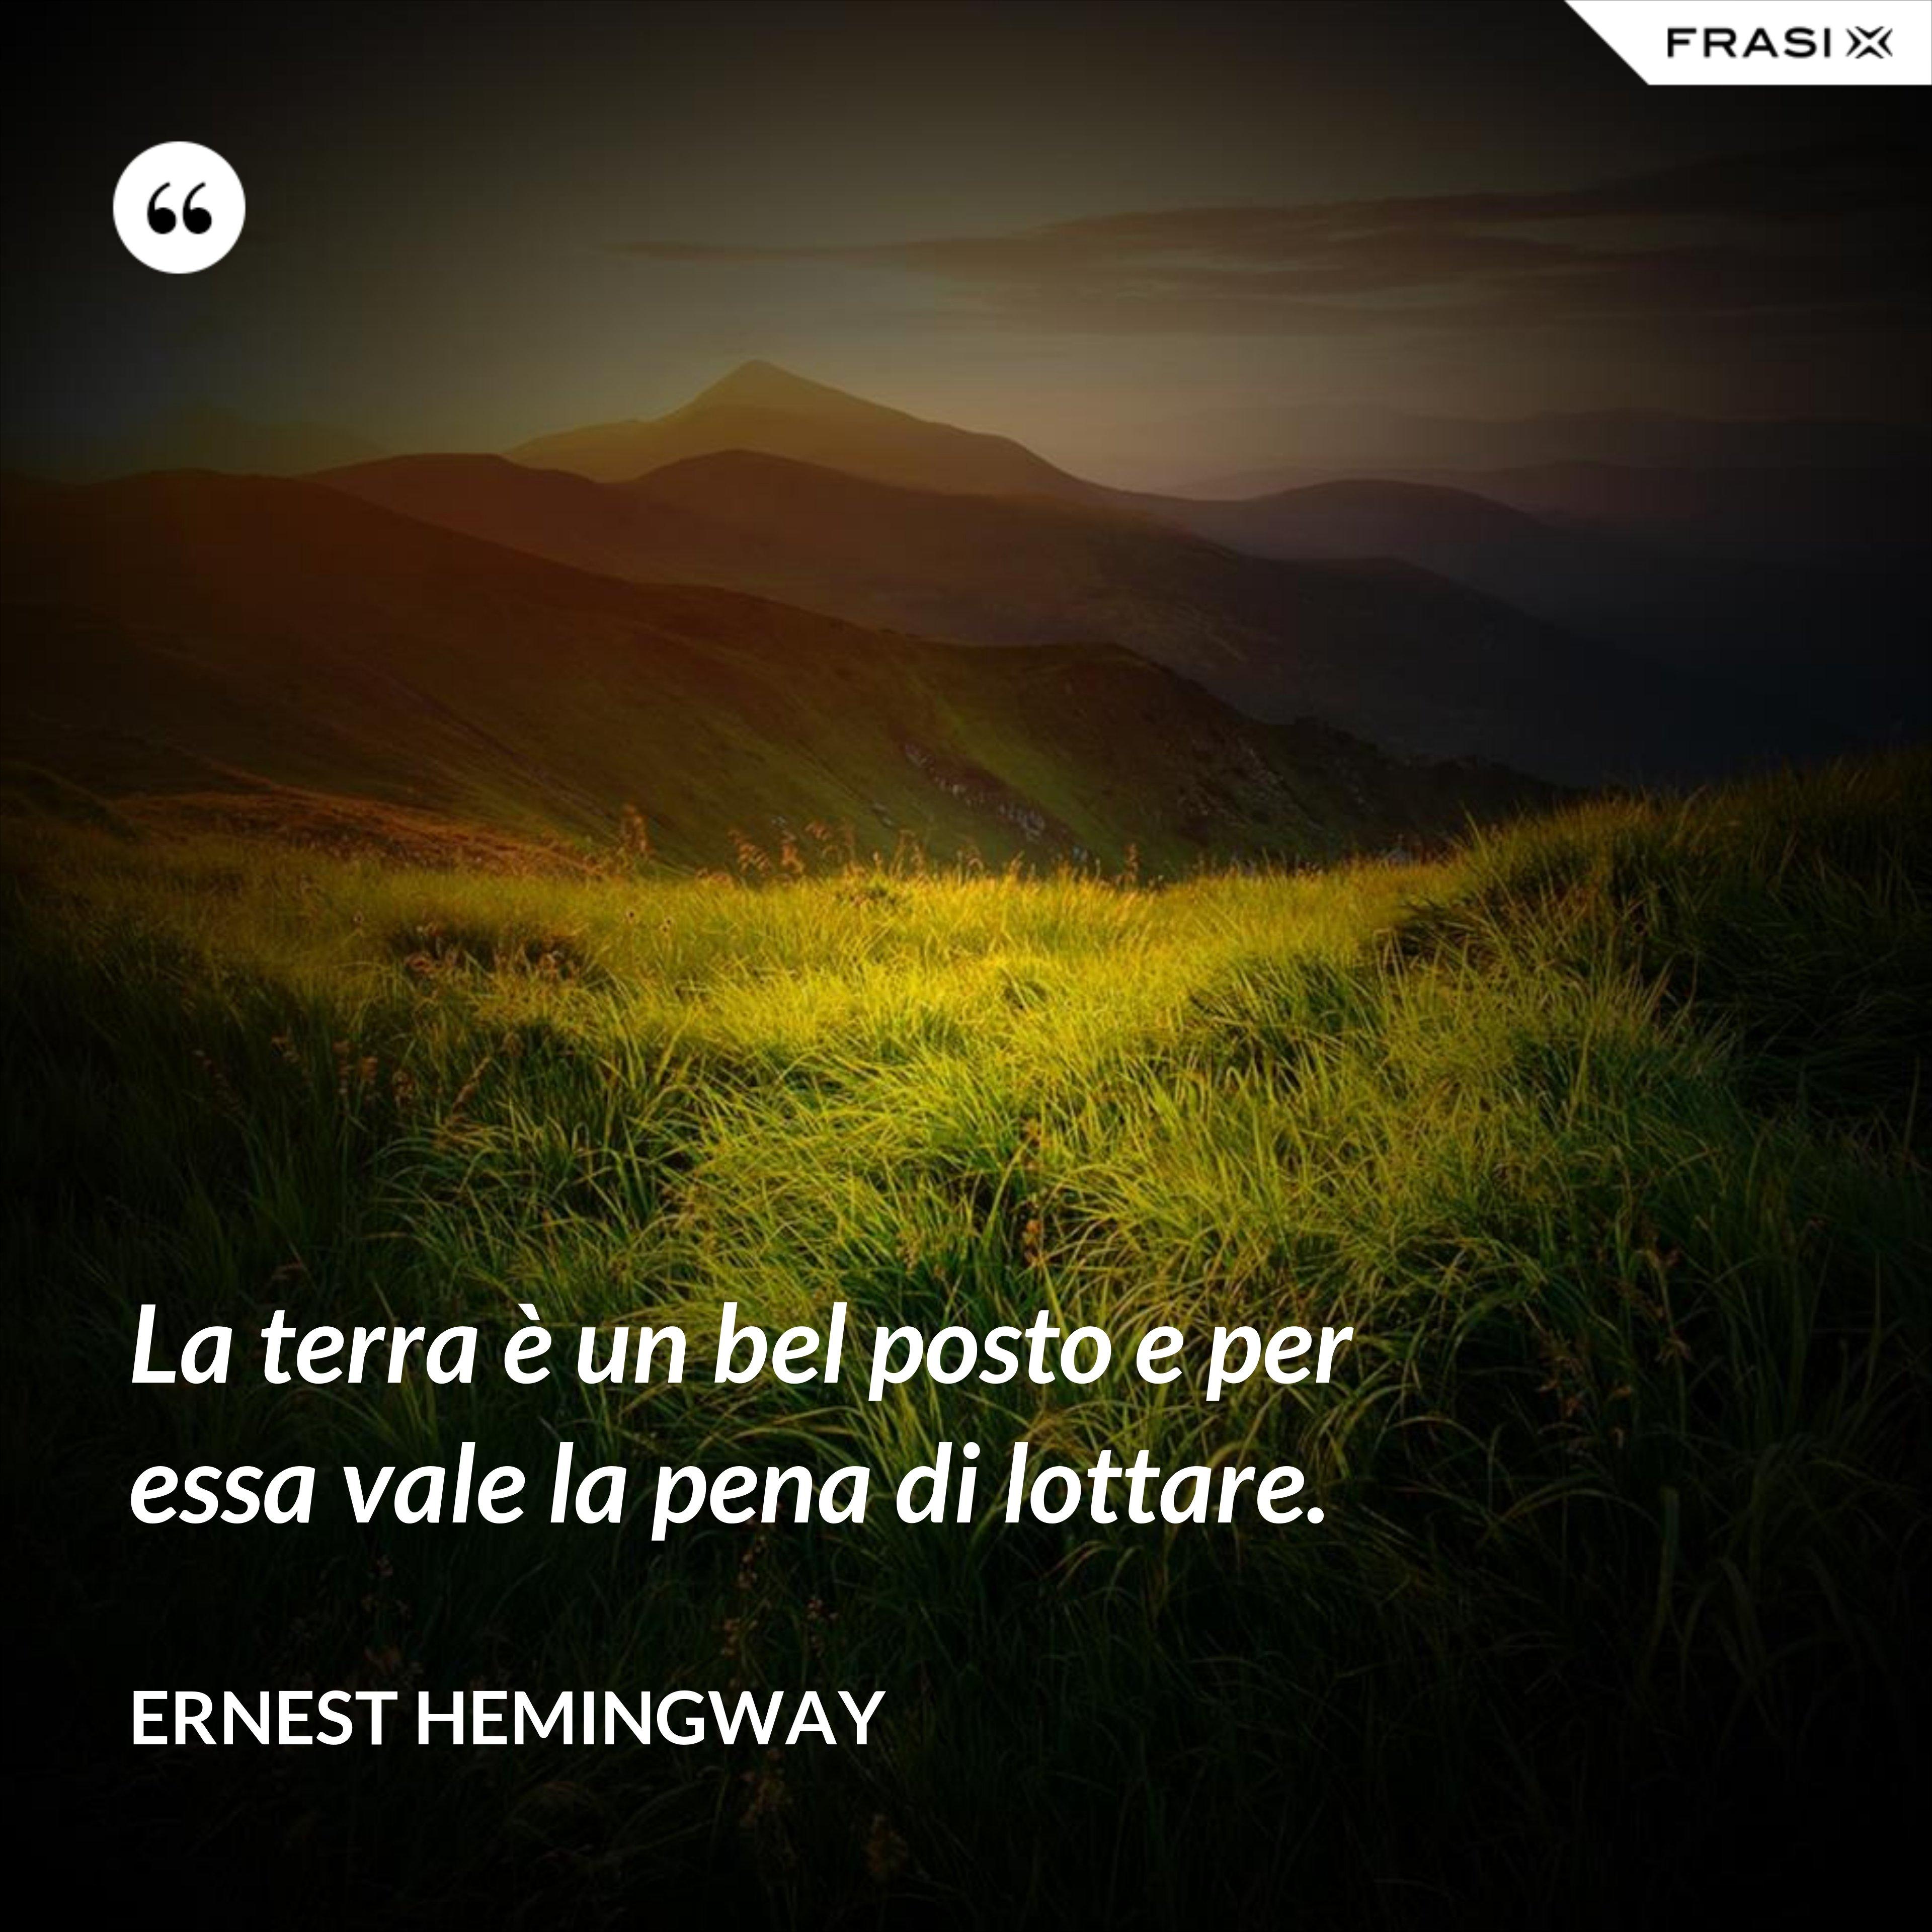 La terra è un bel posto e per essa vale la pena di lottare. - Ernest Hemingway